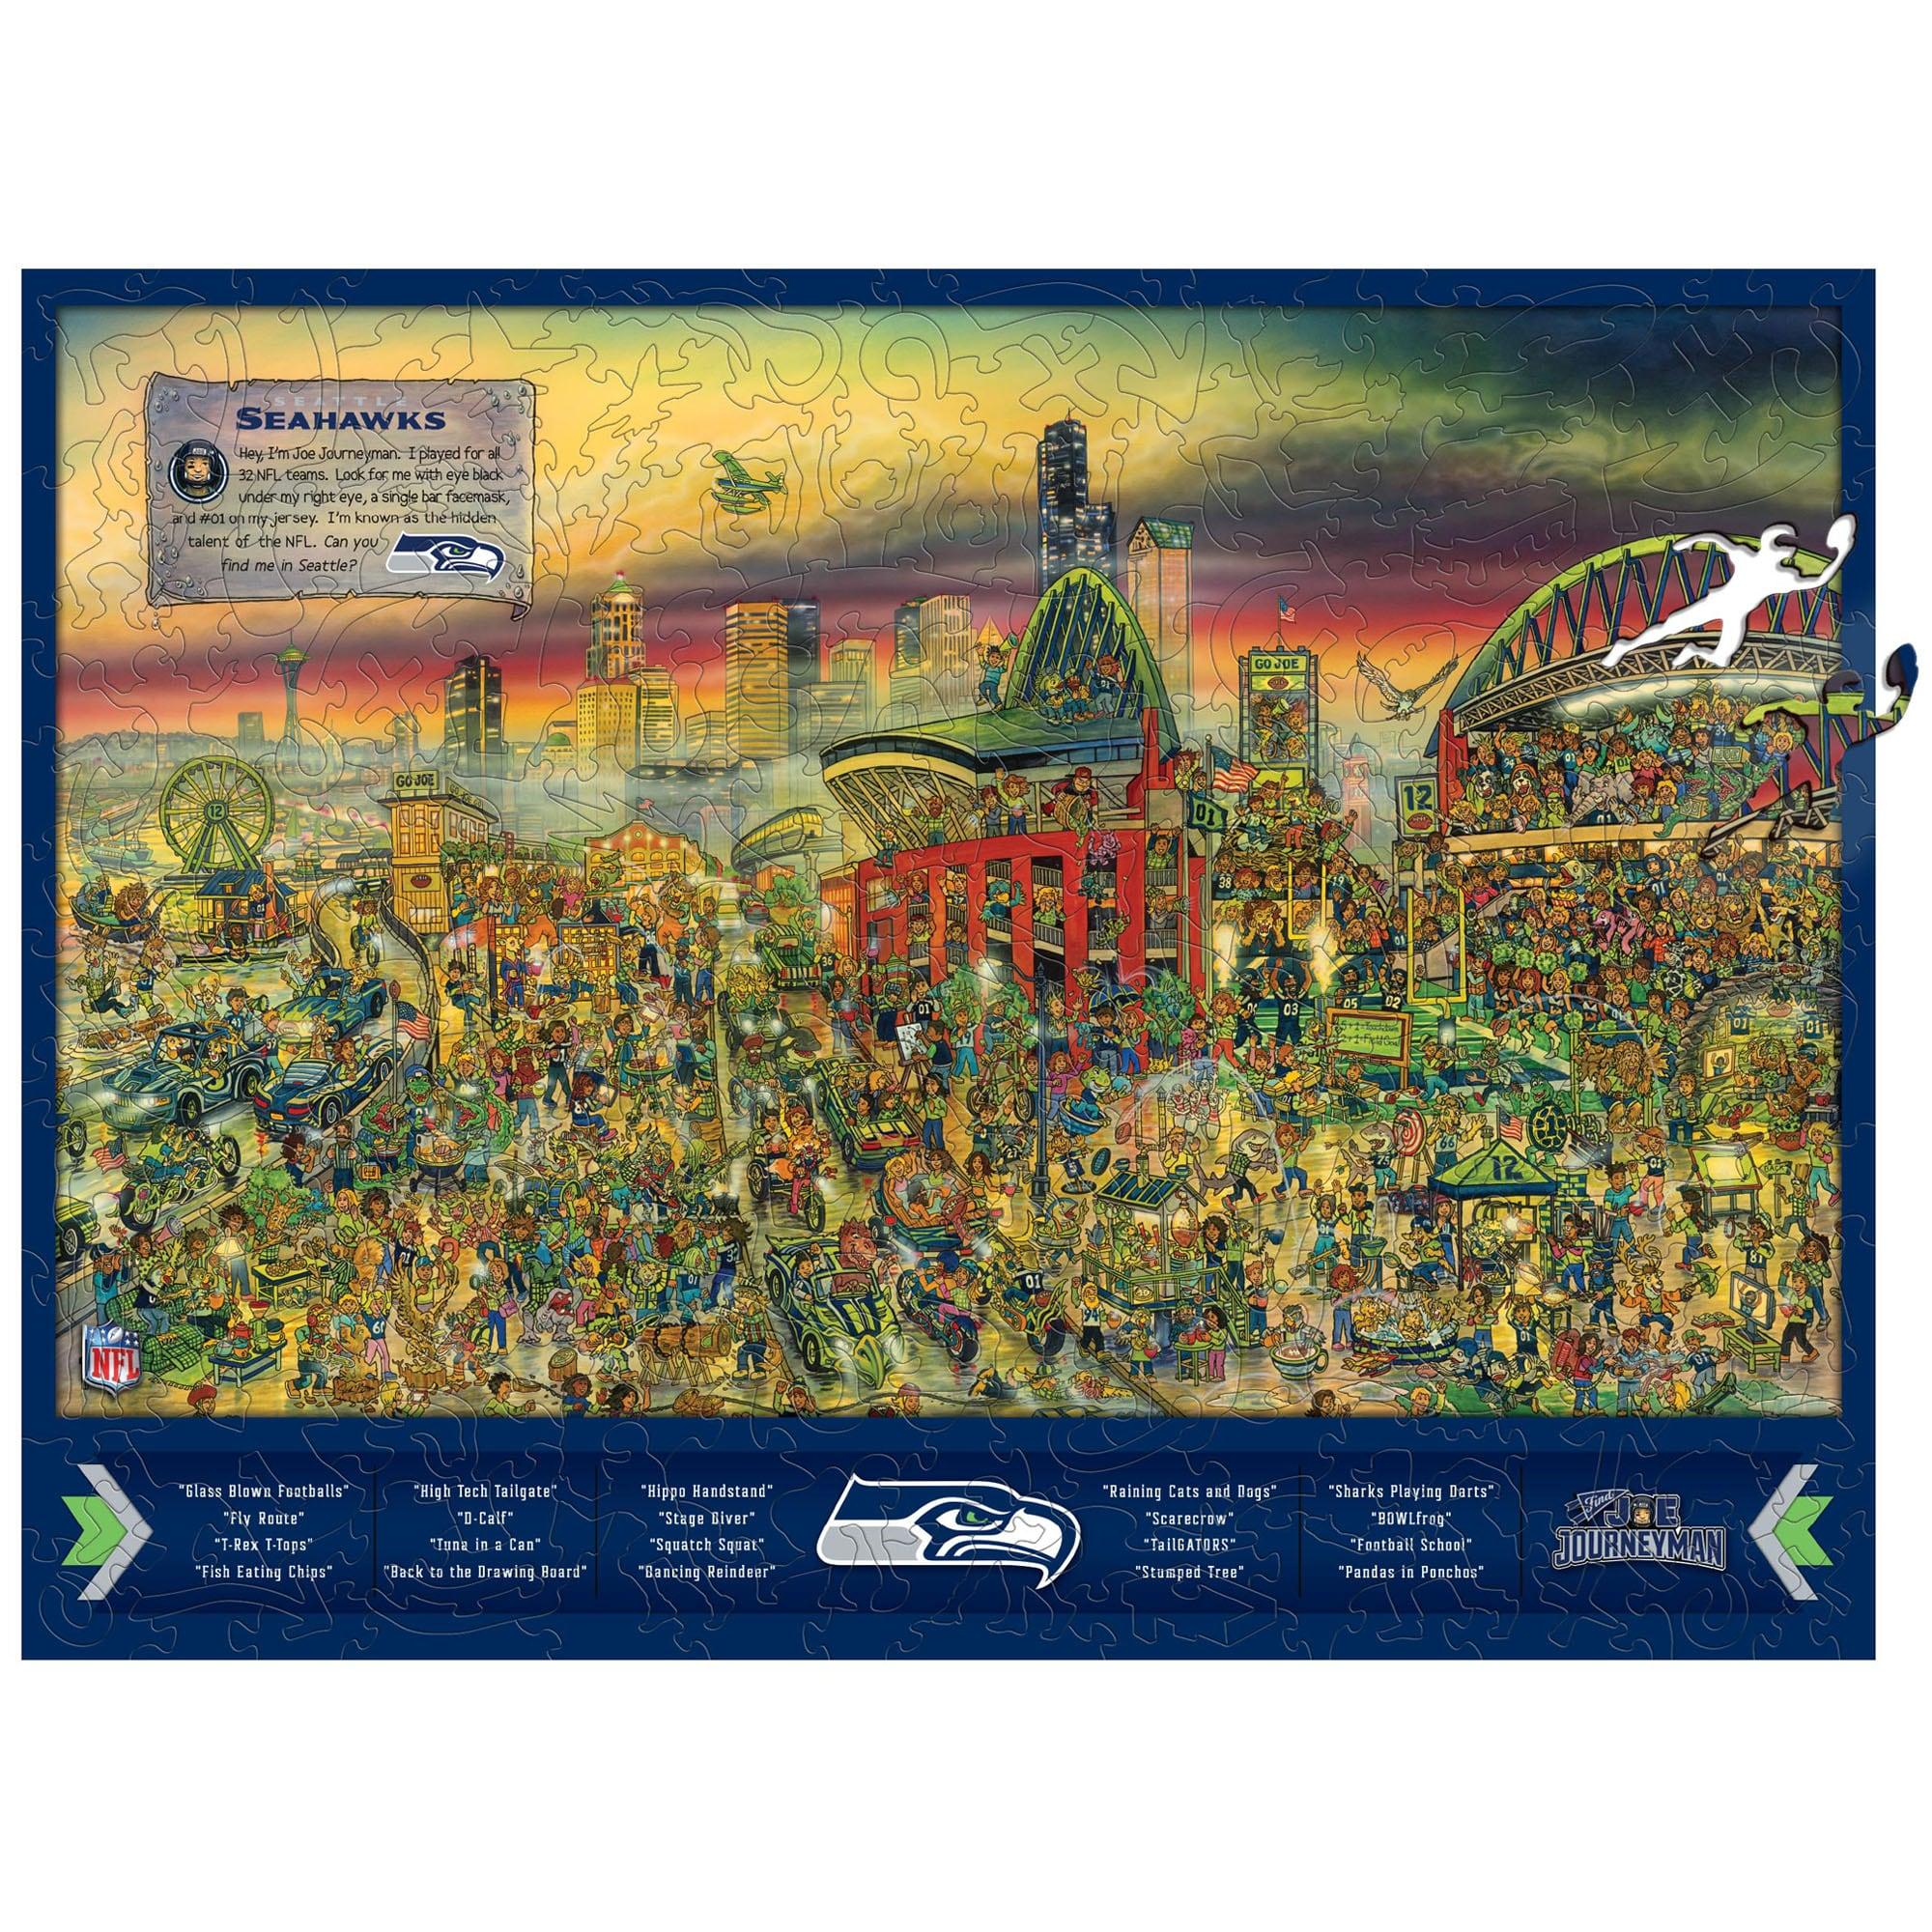 Seattle Seahawks Wooden Joe Journeyman Puzzle